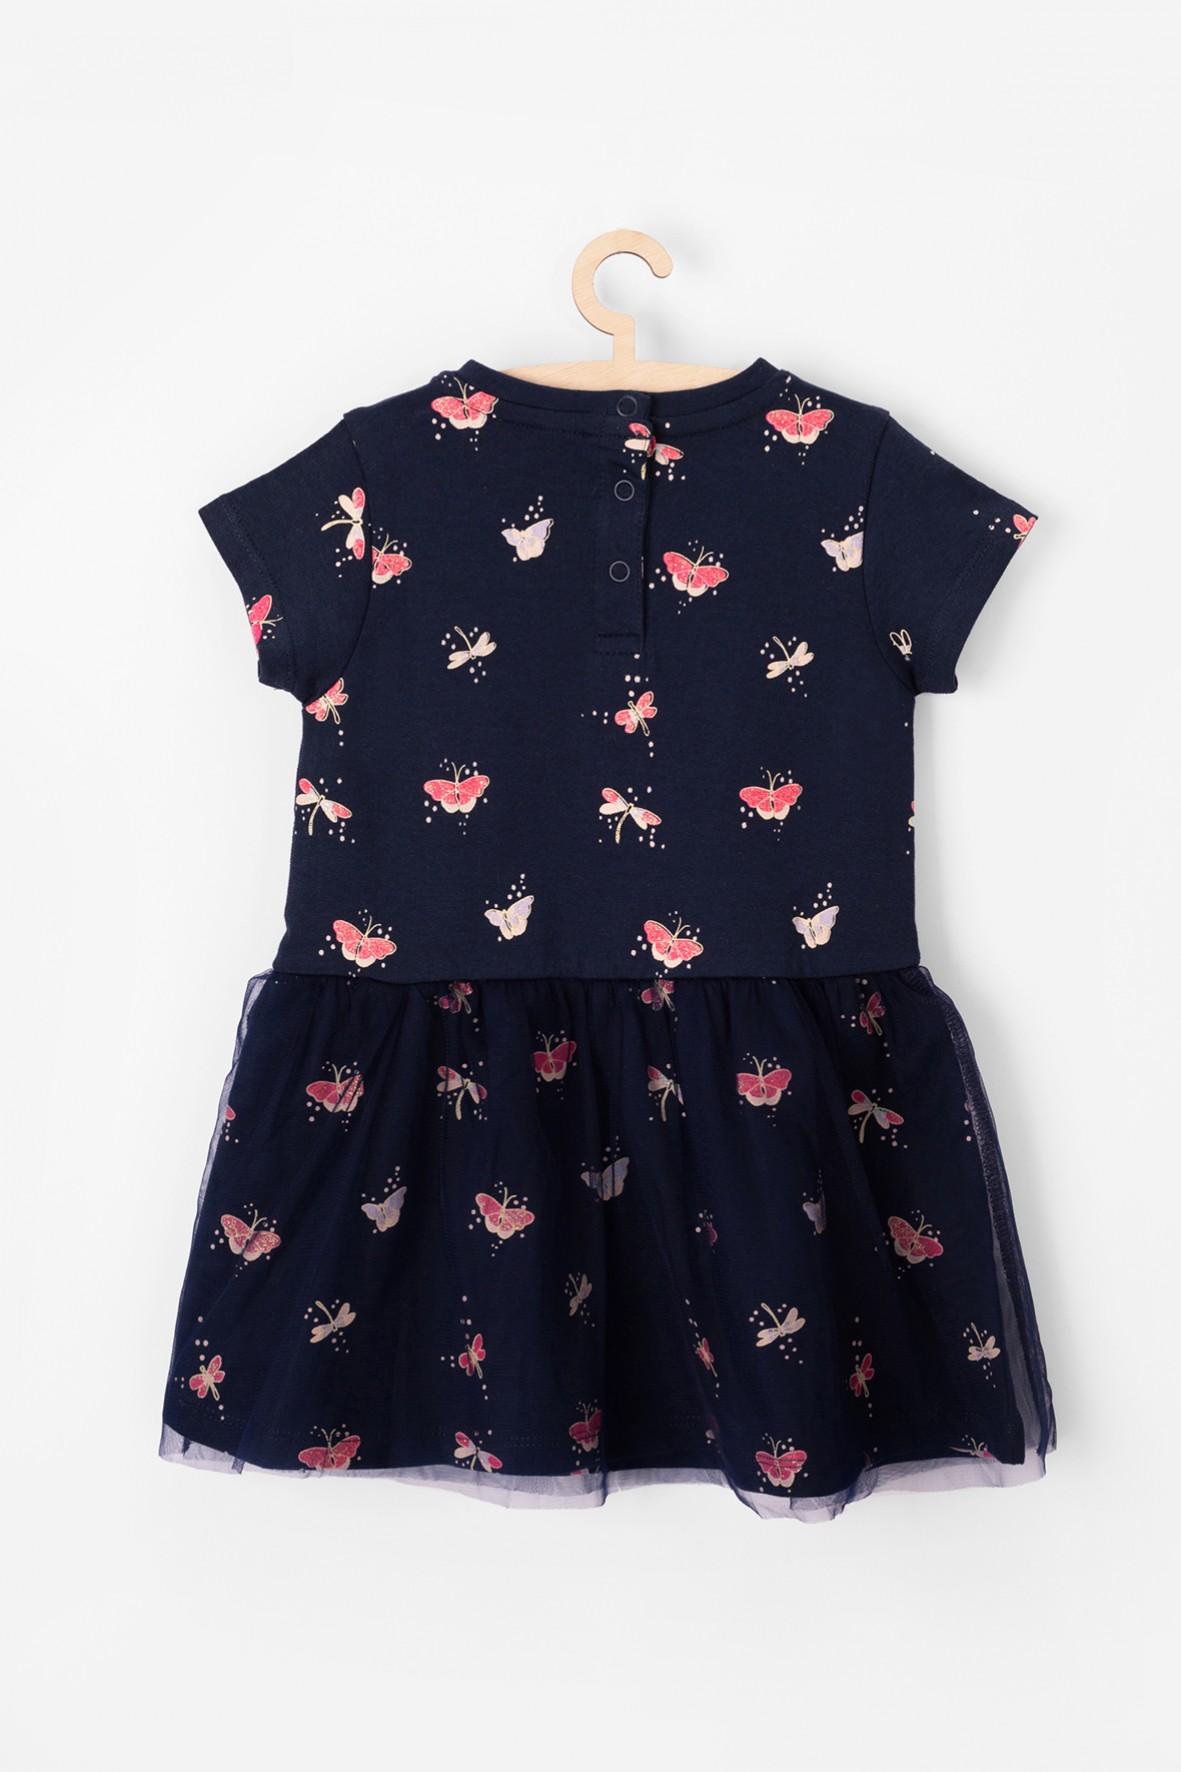 129c016f4a Sukienka dla niemowlaka w kolorowe kwiaty- miękka bawełniana dzianina.